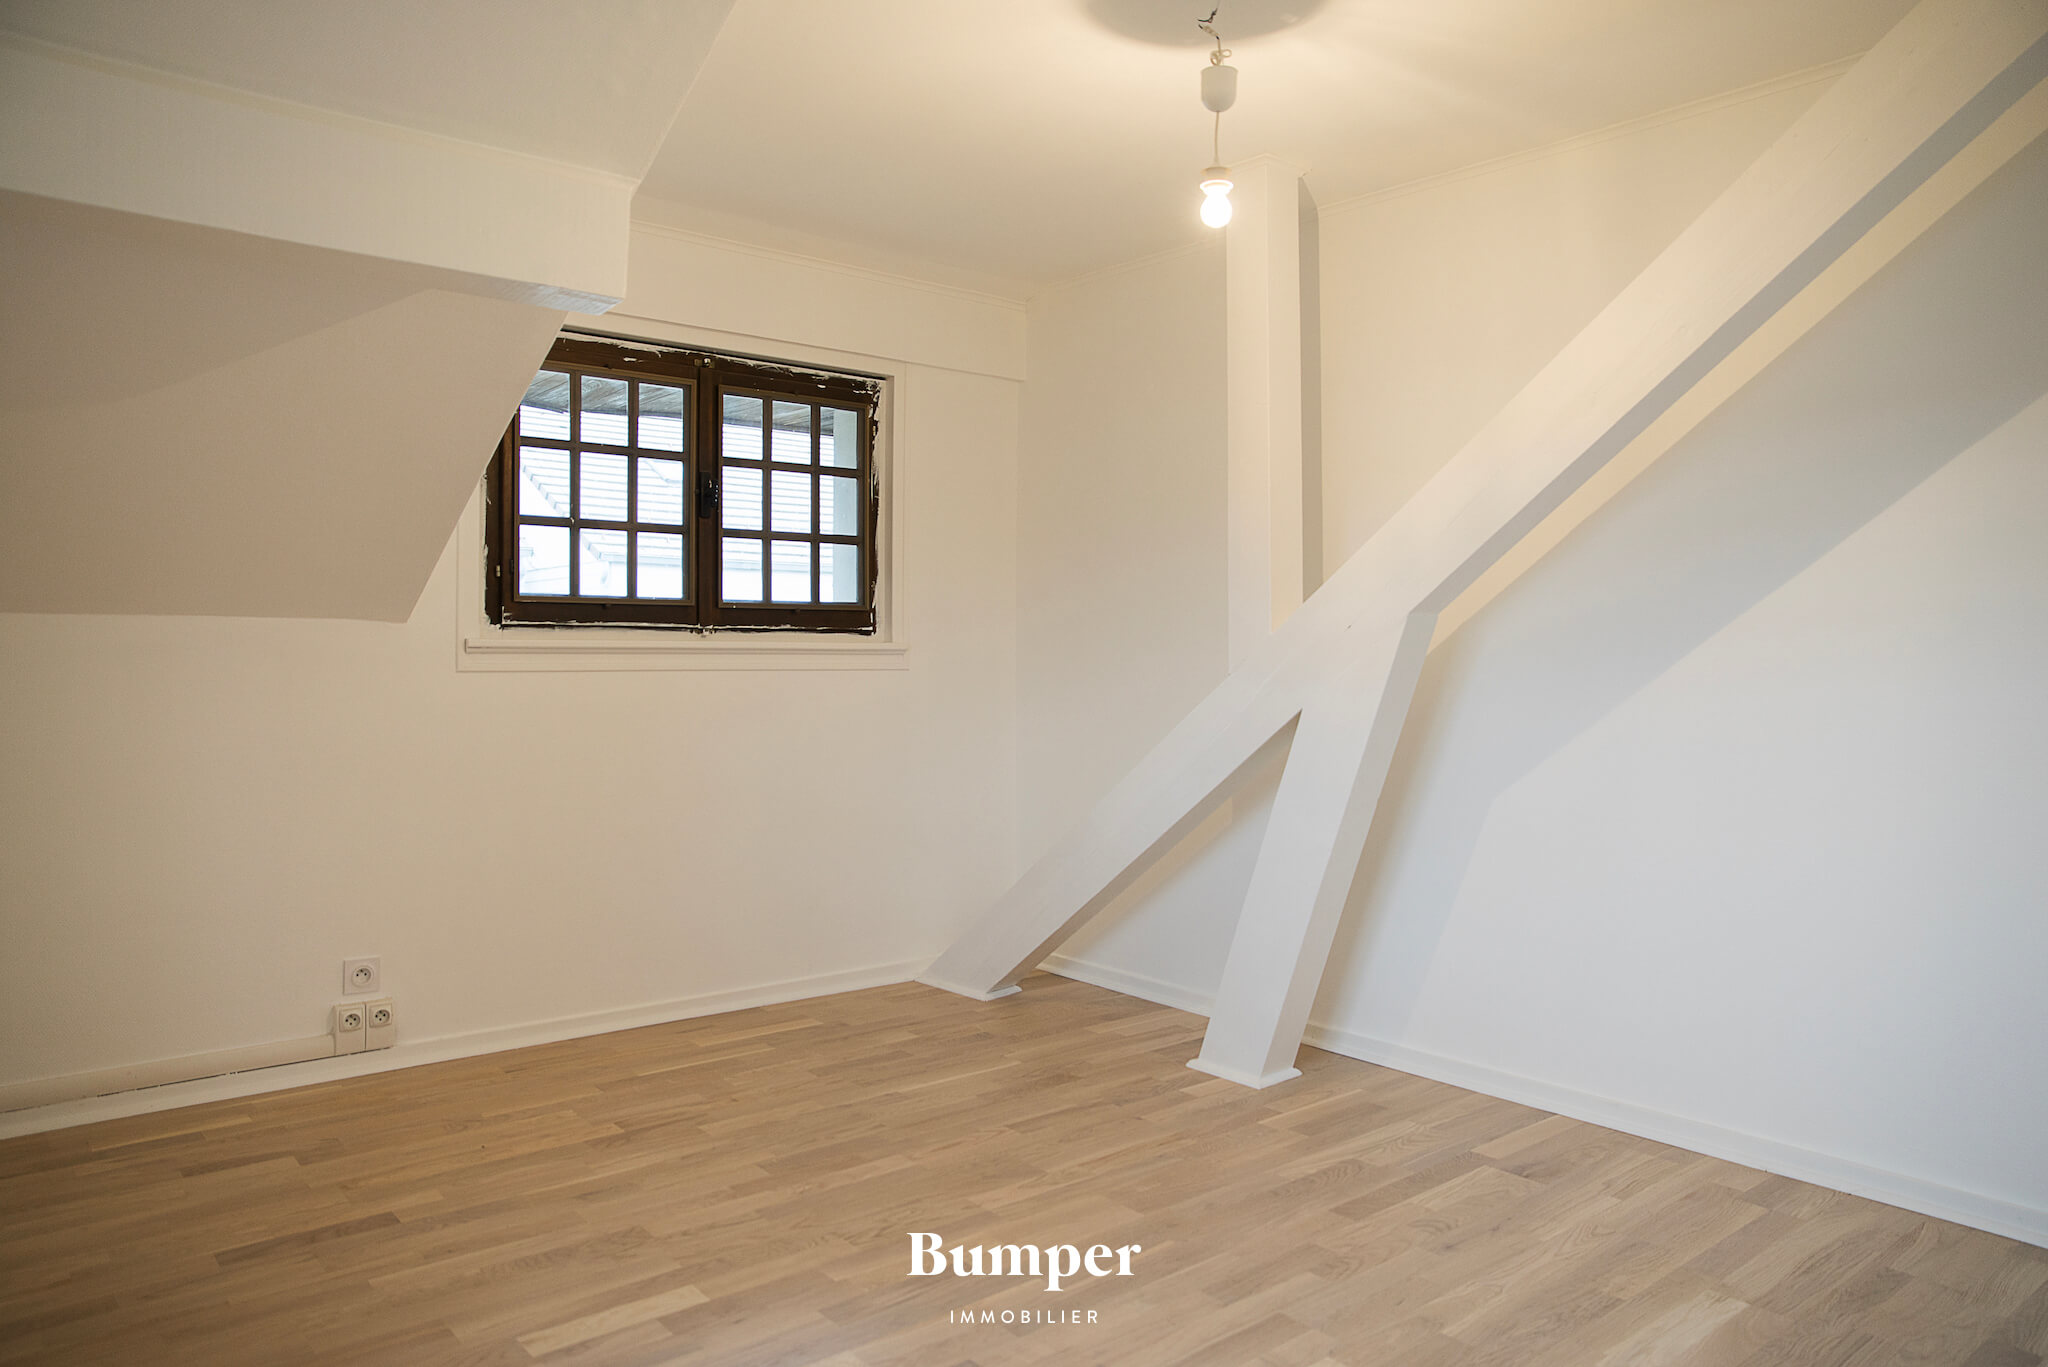 la-maison-bumper-immobilier-vente-achat-lyon-france-maison-segny-gex-geneve-10.jpg